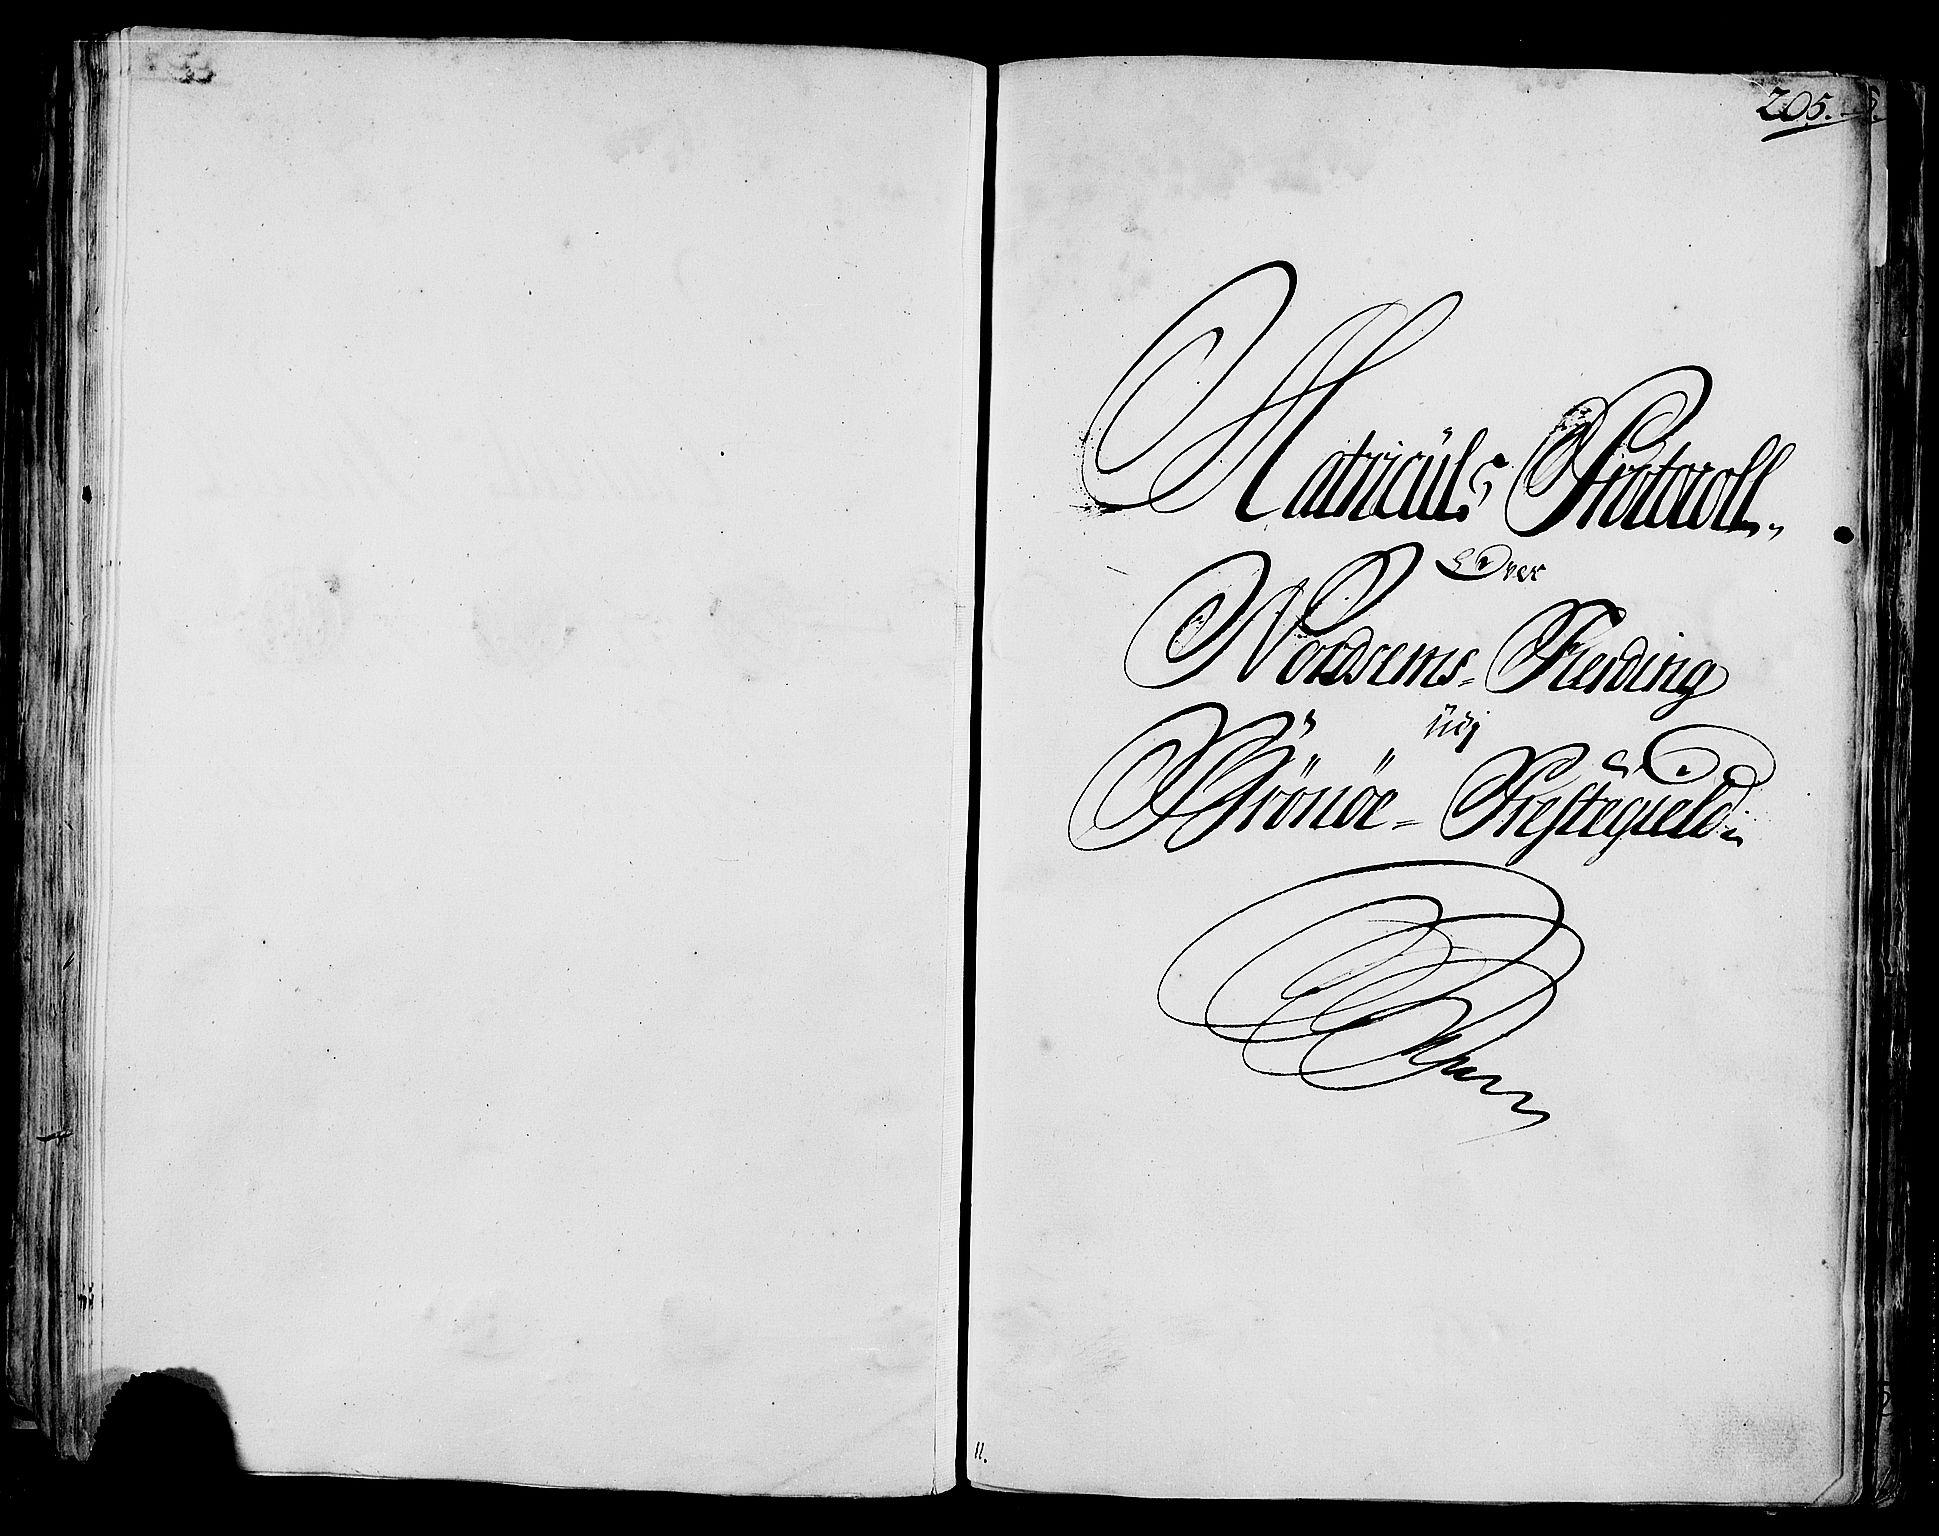 RA, Rentekammeret inntil 1814, Realistisk ordnet avdeling, N/Nb/Nbf/L0170: Helgeland eksaminasjonsprotokoll, 1723, s. 204b-205a